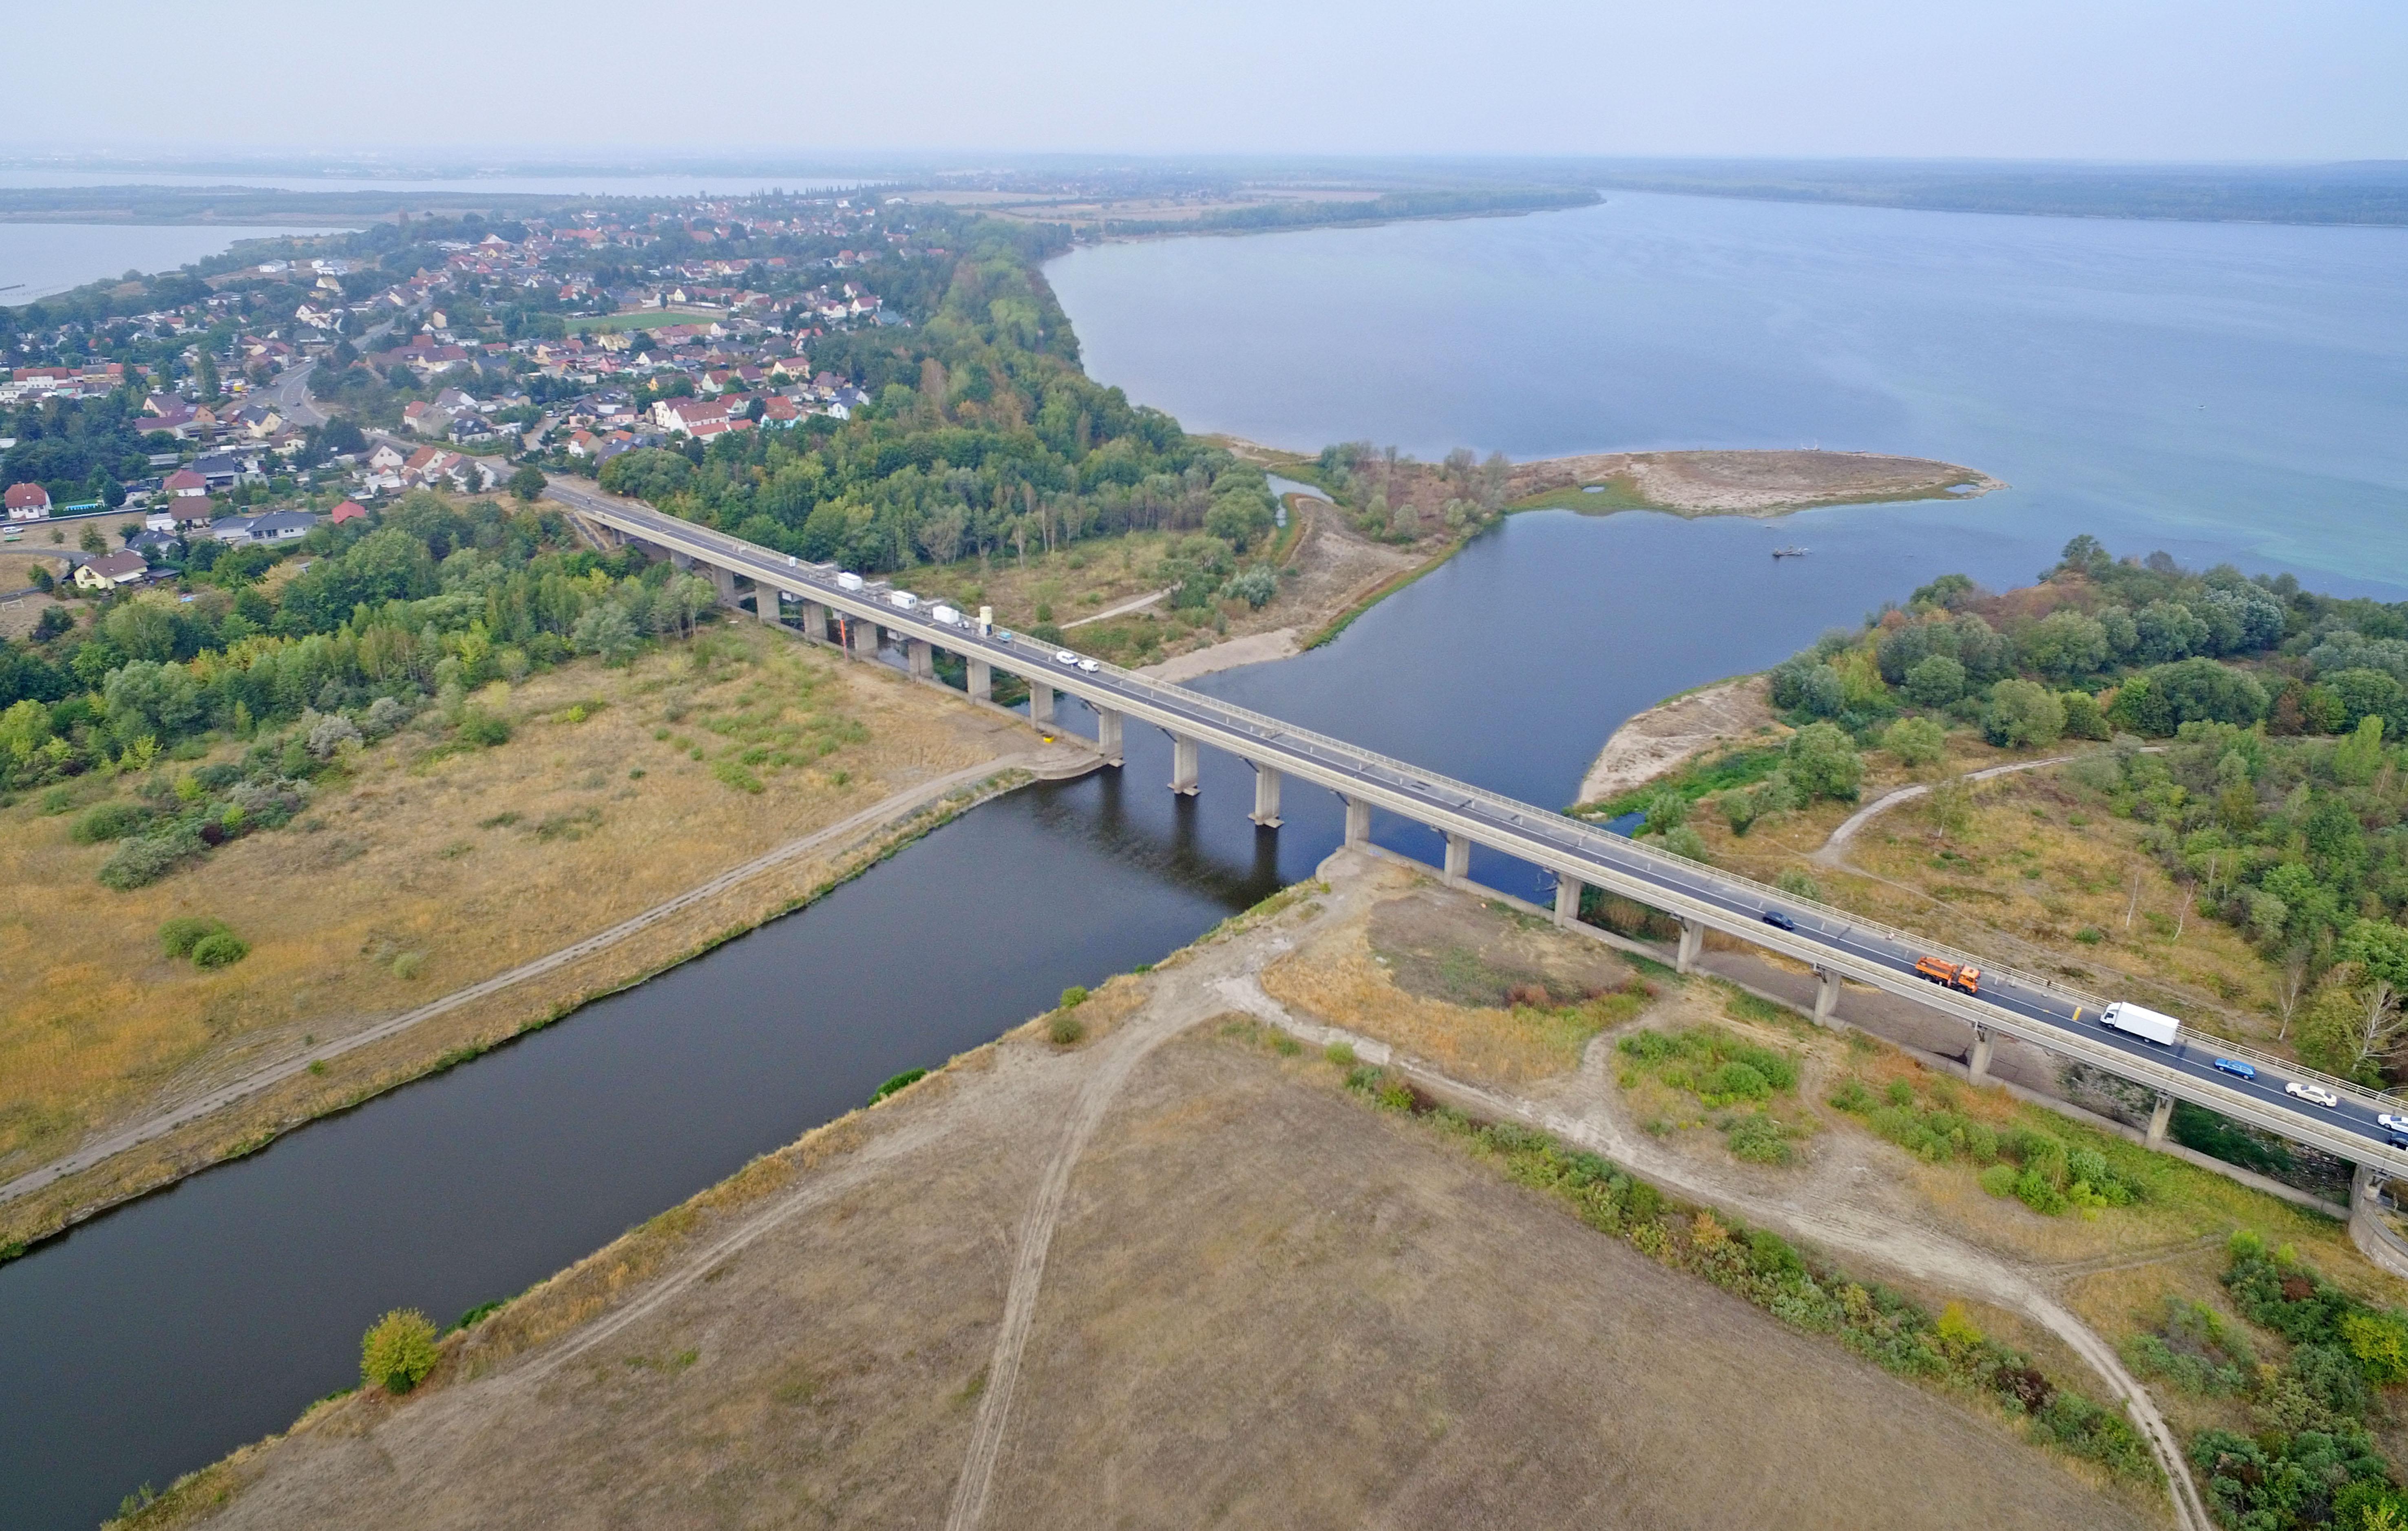 Der Muldestausee (rechts) wurde 1975 geflutet und hat sich seitdem zu einem beliebten Erholungsgebiet entwickelt.FOTO: ANDRÉ KEHRER